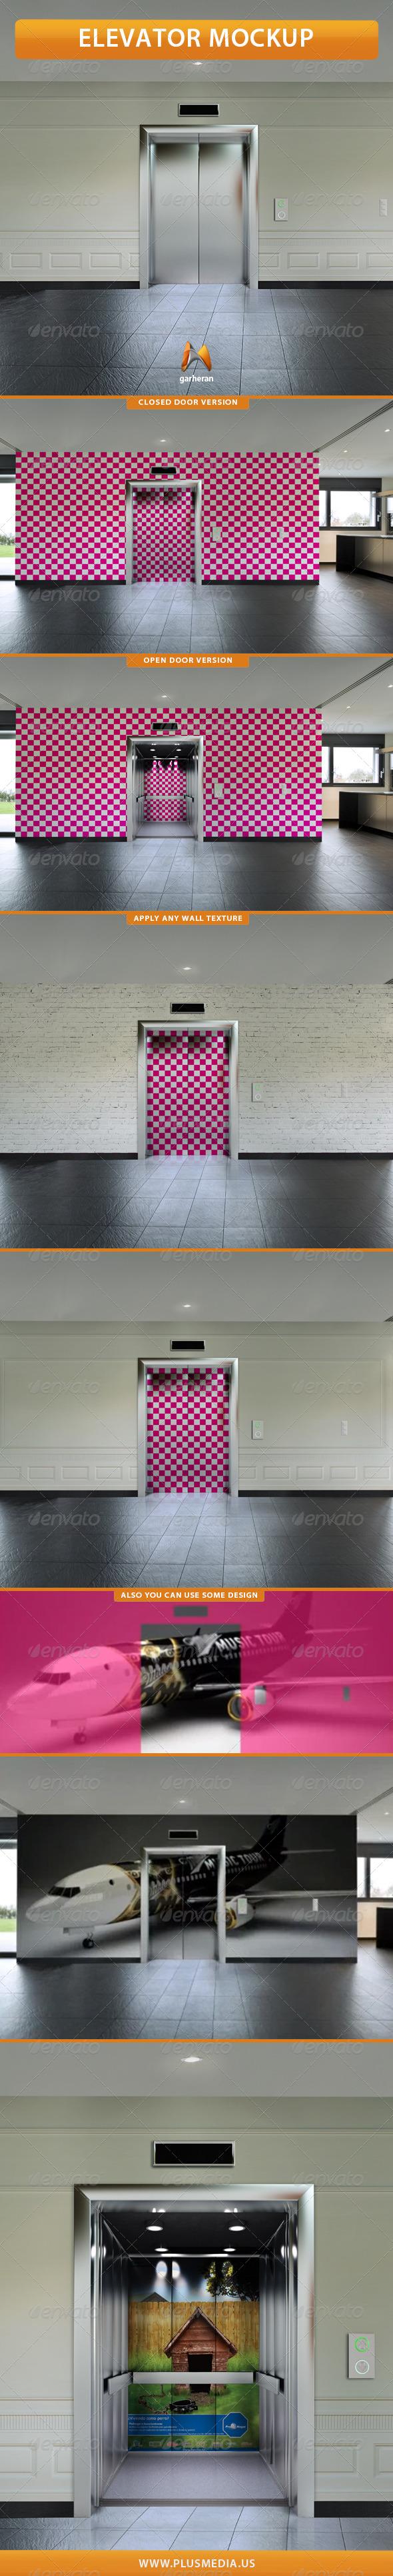 GraphicRiver Elevator Mockup 7547589